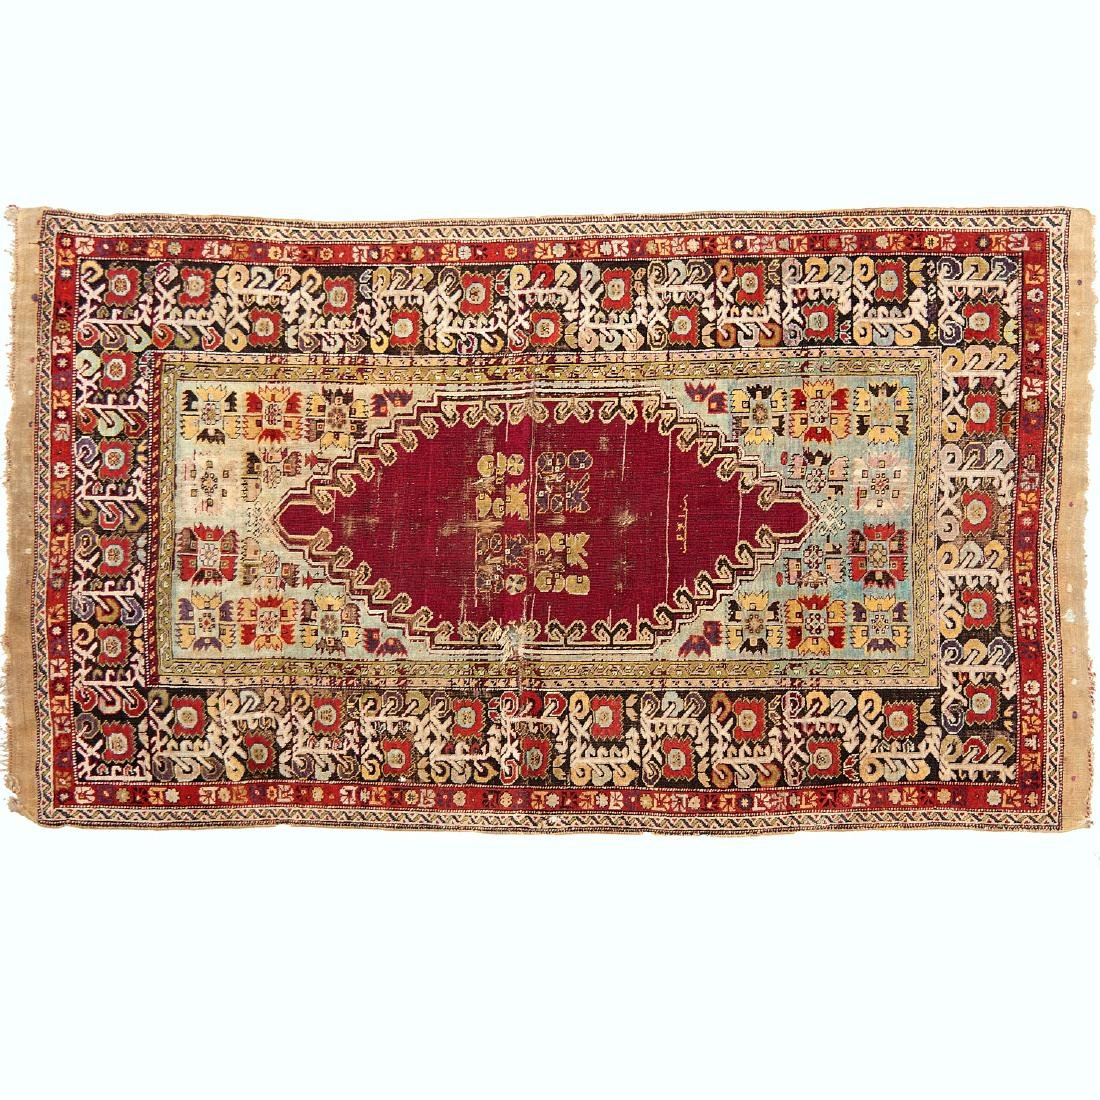 Sivas rug, ex museum